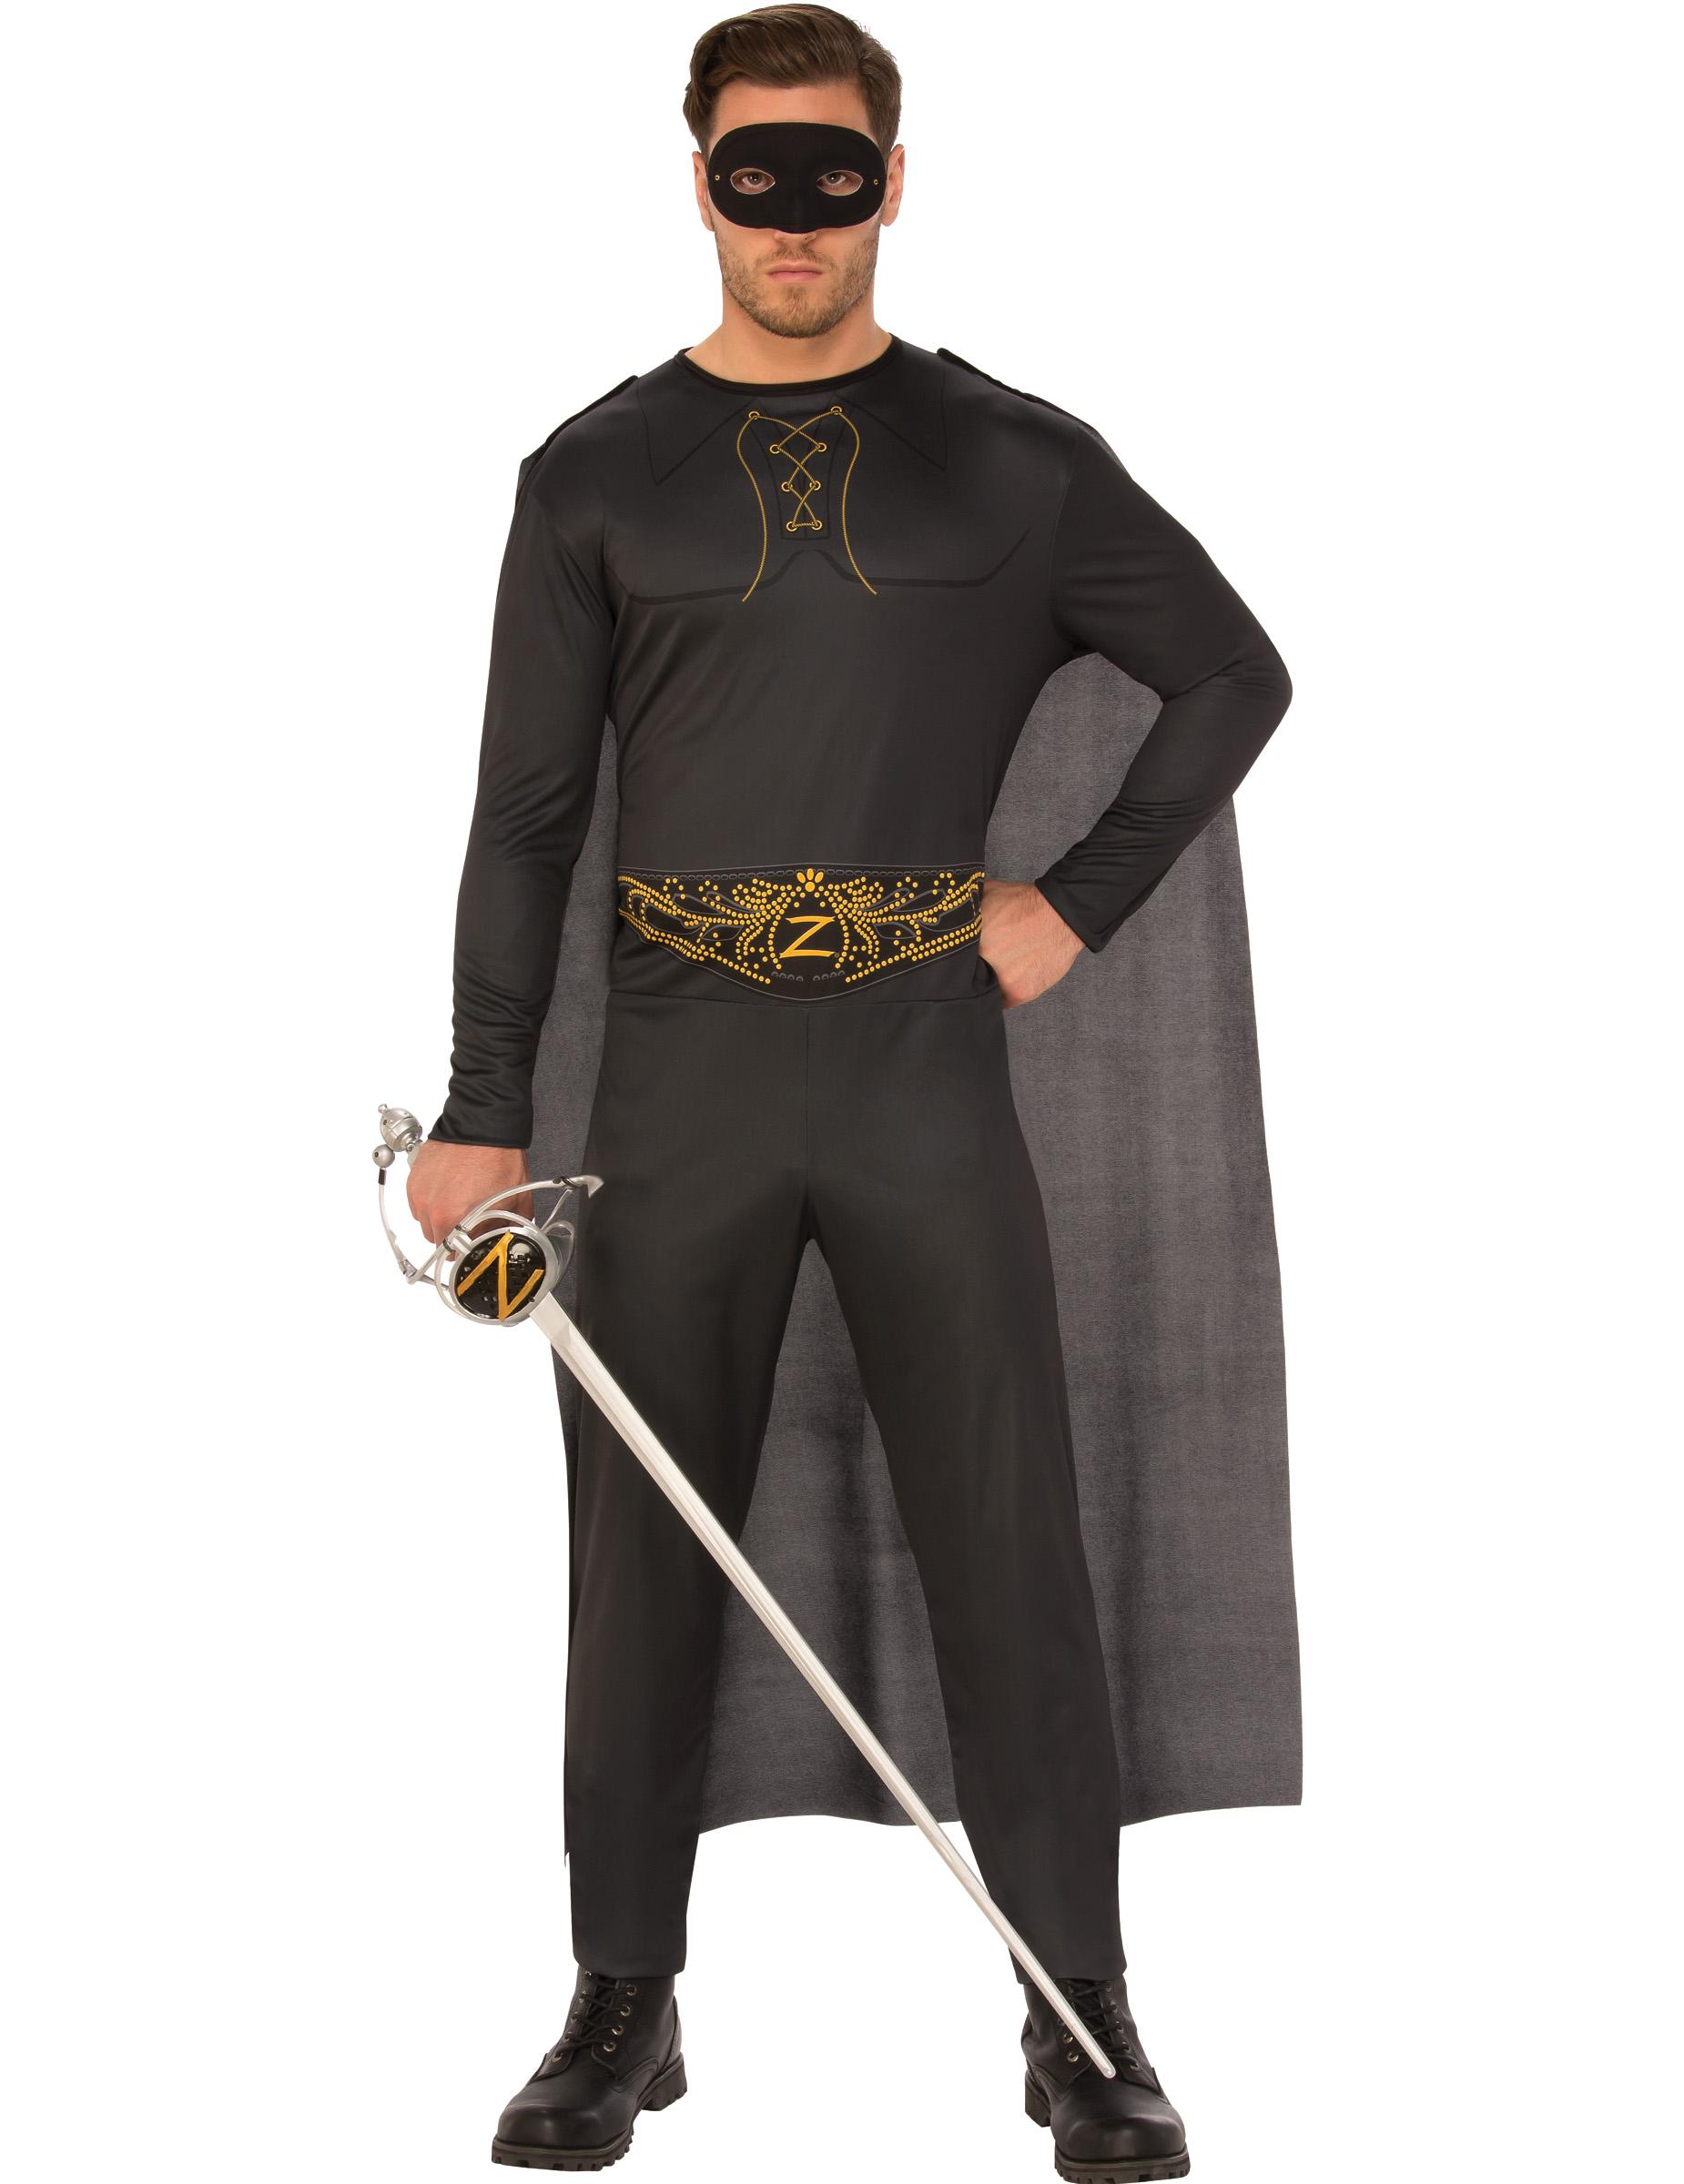 Zorro kostuum   Carnavalskleding heren   GOEDKOPE